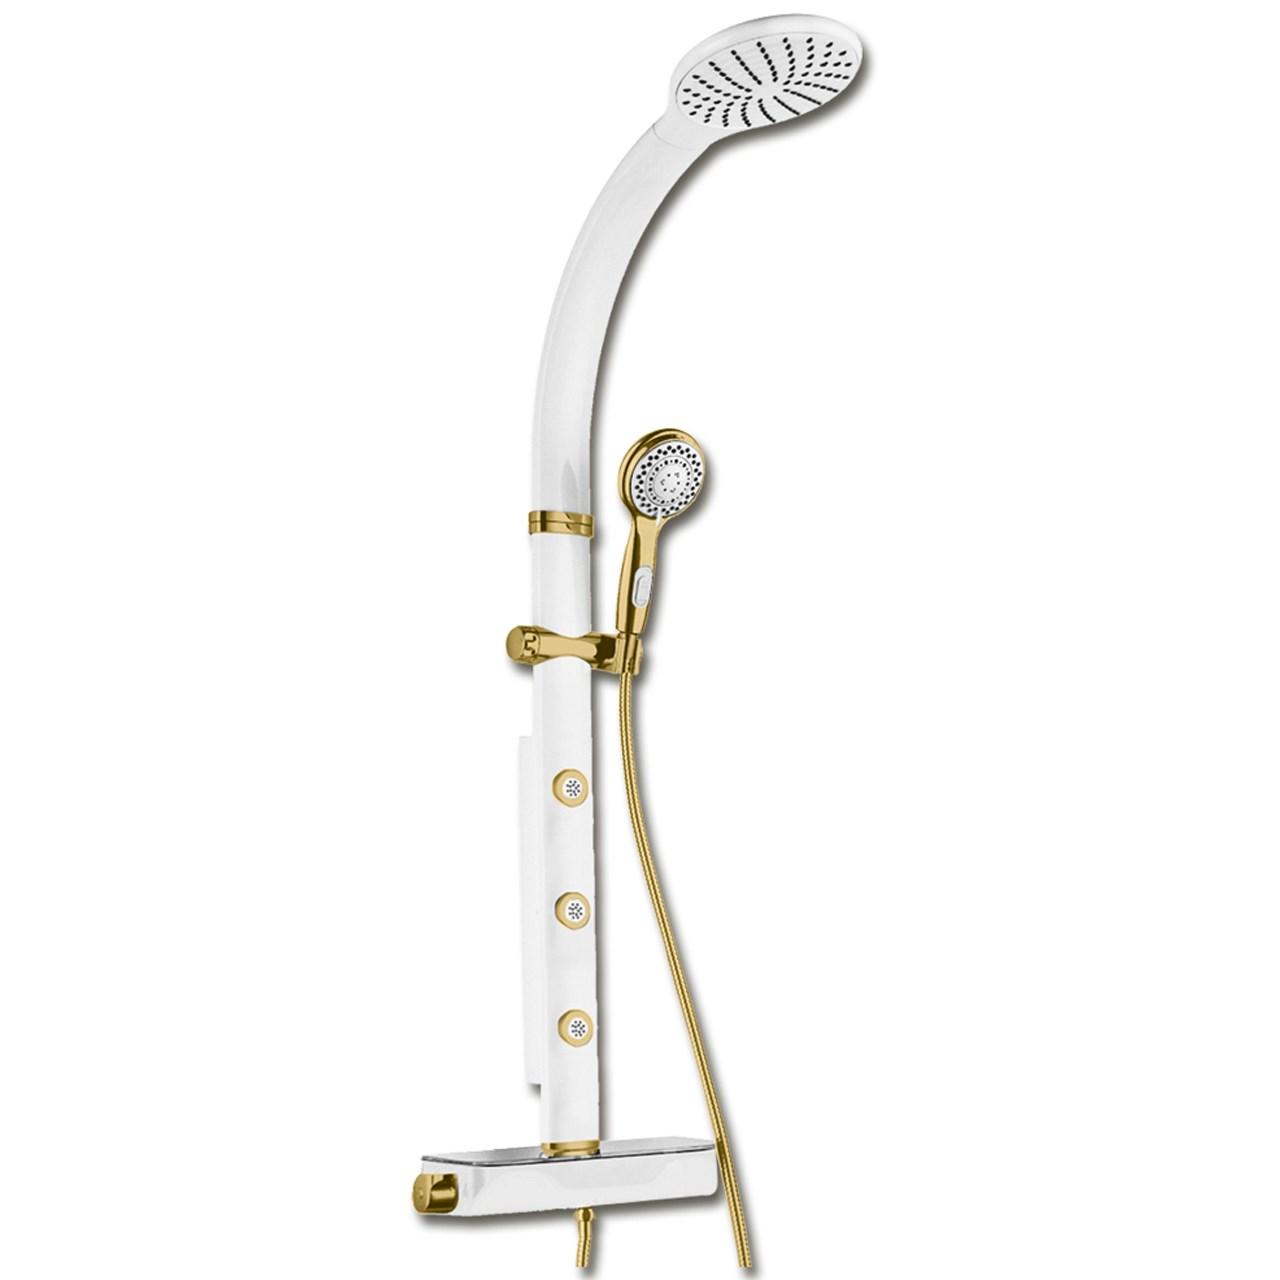 دوش حمام ملودی مدل آدولفو